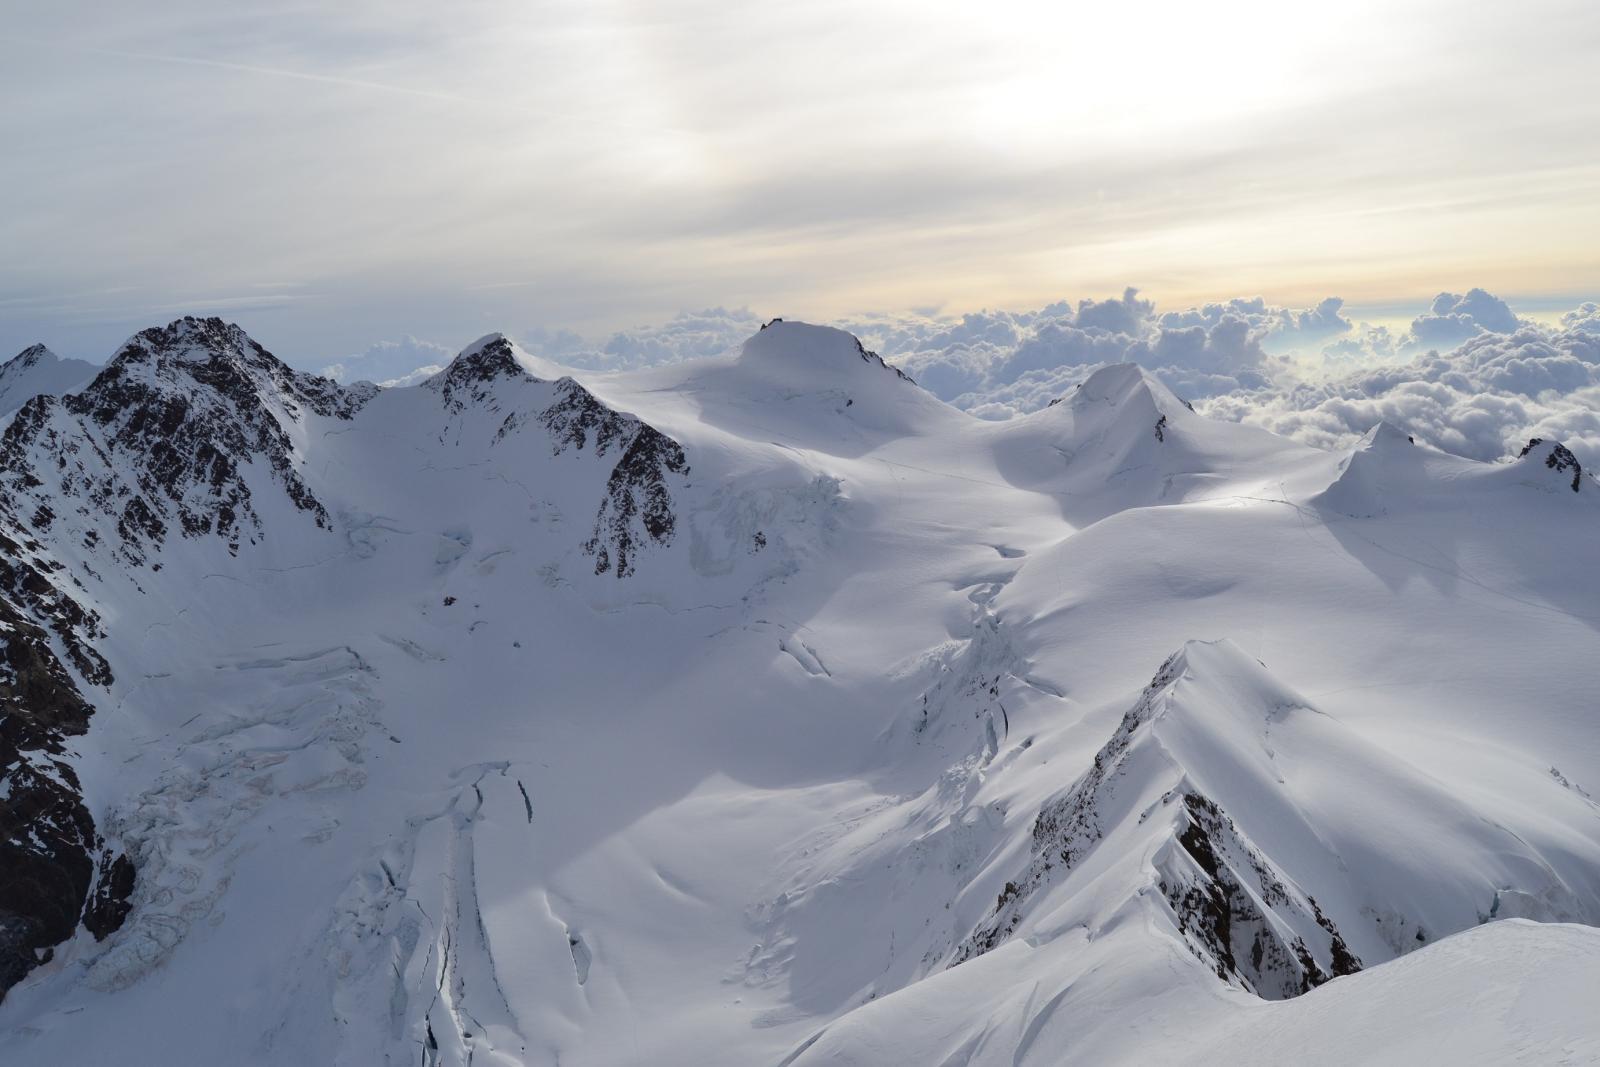 non v'era che luce e spazio davanti a me e immense catene silenziose ammantate di neve